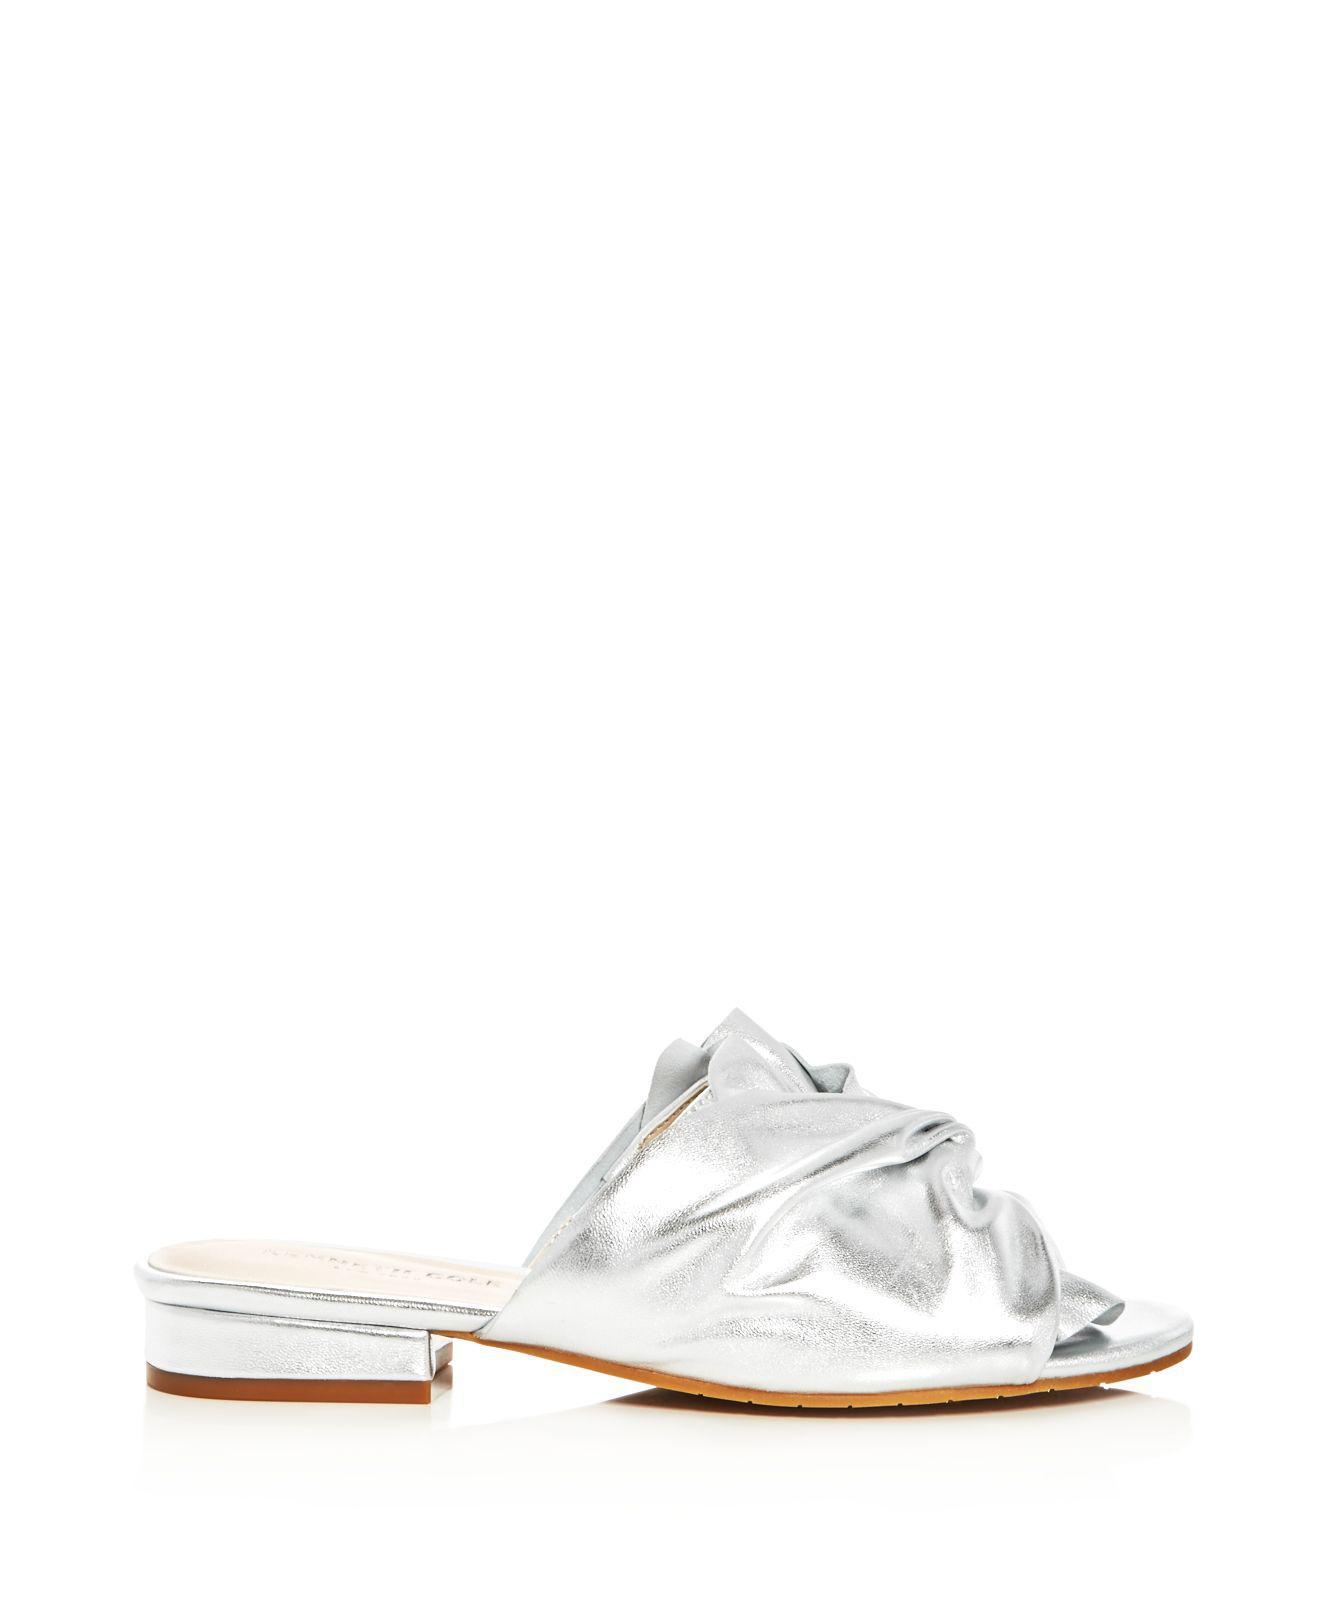 Kenneth Cole Violet Metallic Knot Slide Sandals 9C3vCu